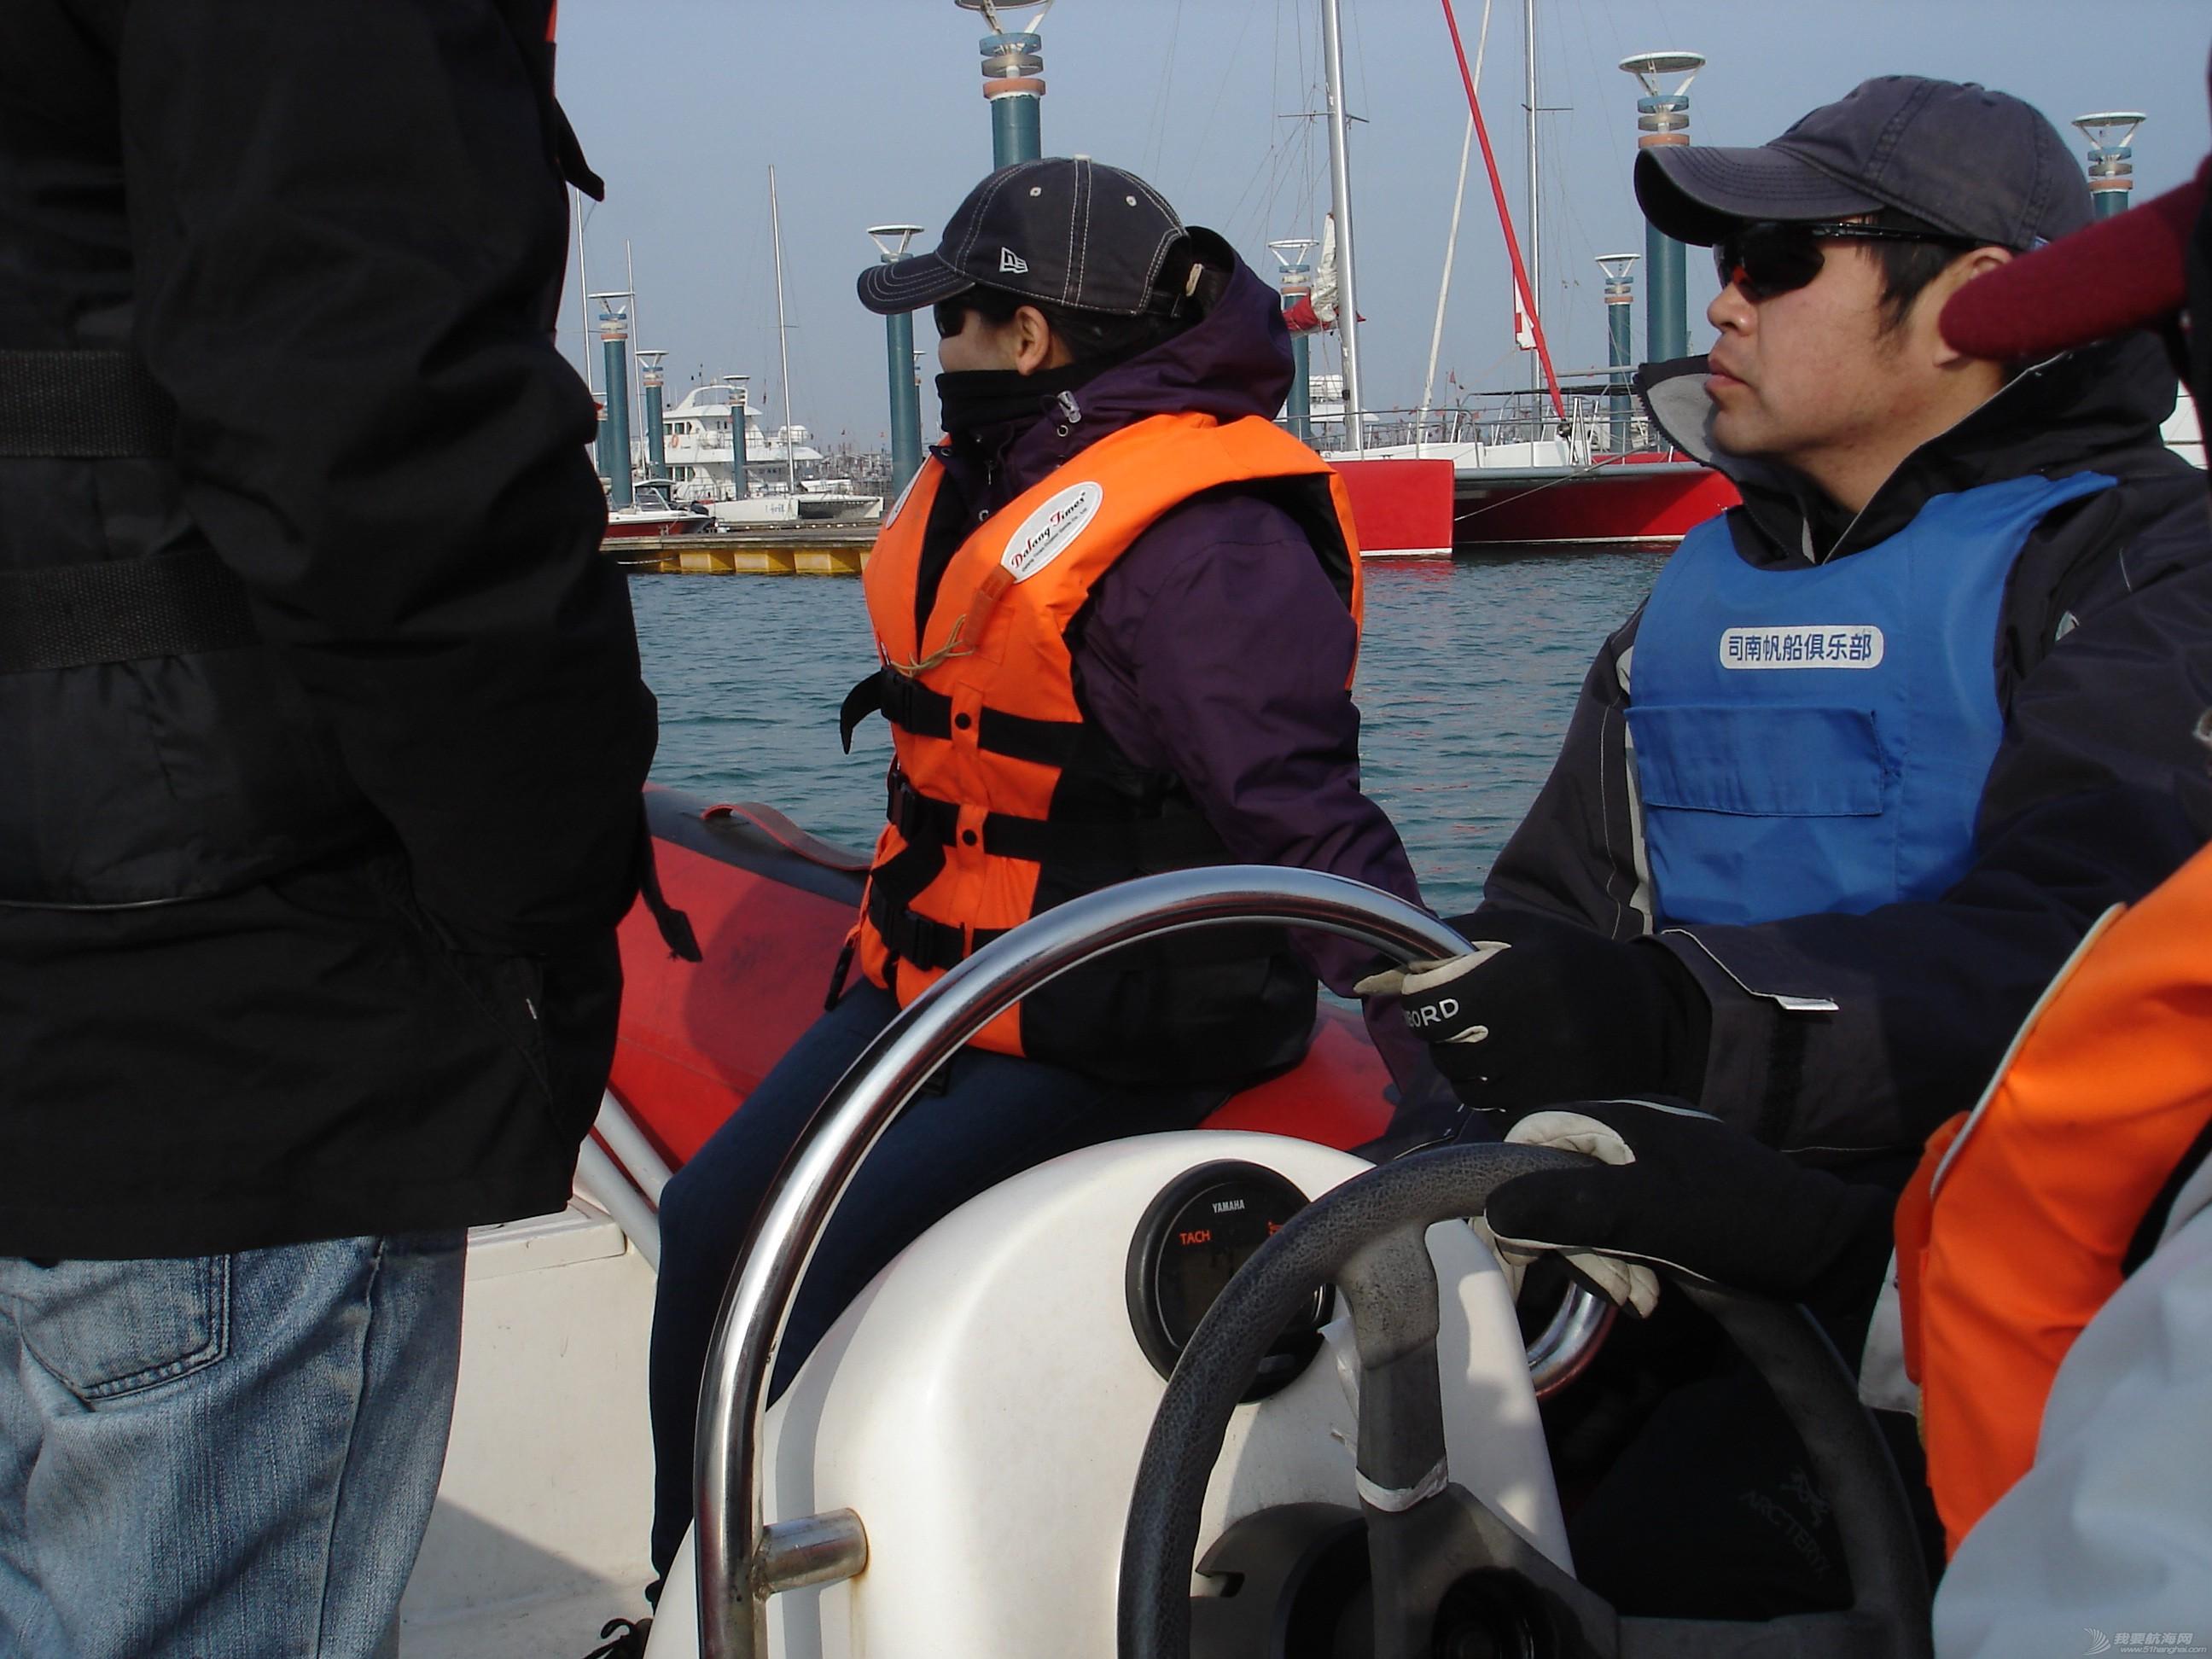 帆船 免费航海不是梦…我是十四期学员(我要去航海/全民公益航海帆船训练) DSC02084.JPG